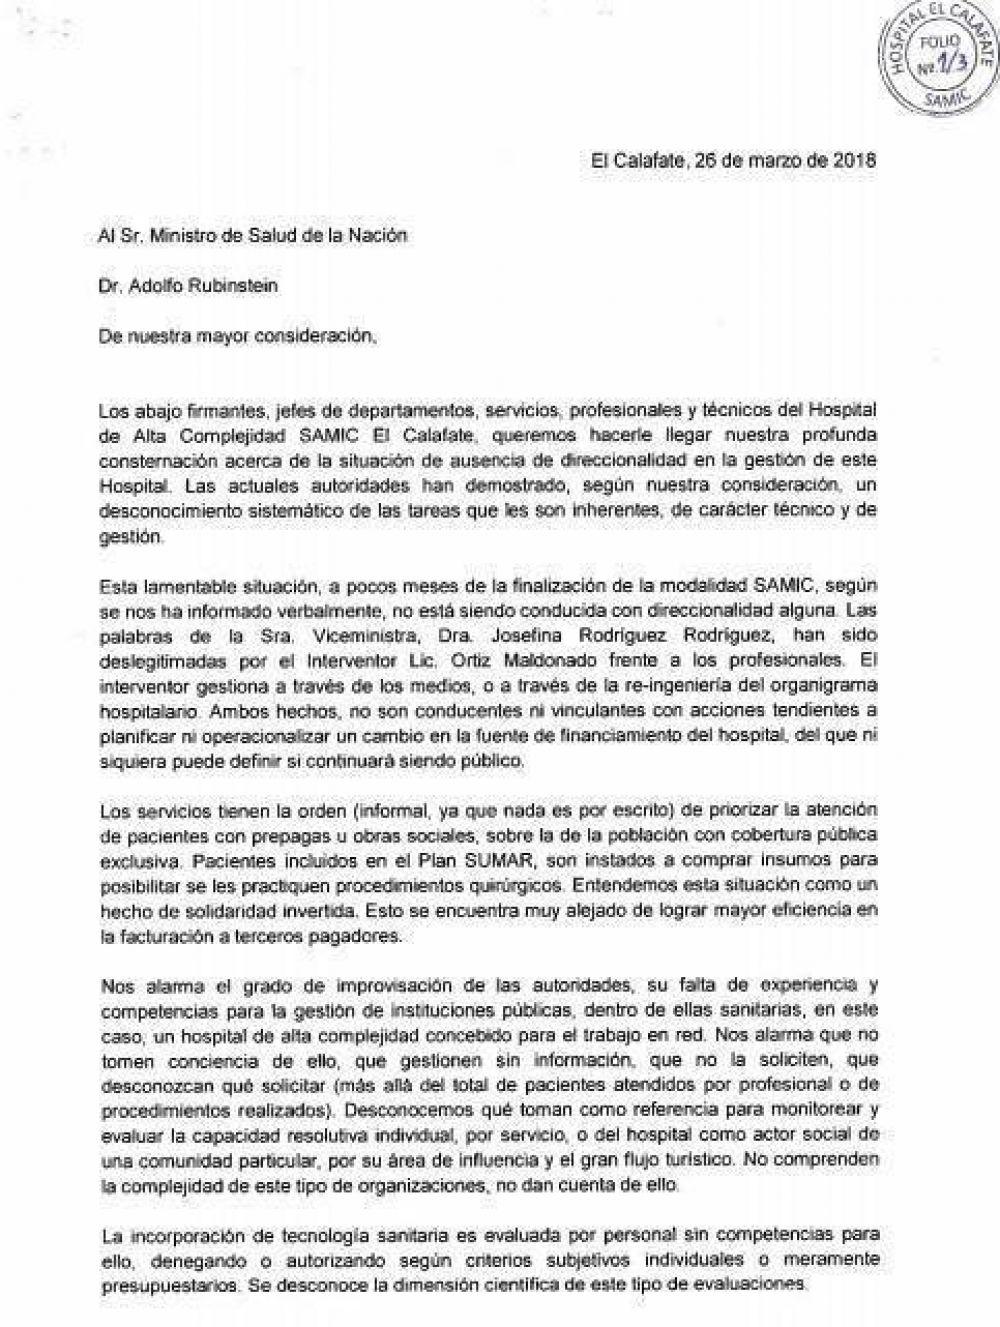 Hospitalarios se quejan ante el Ministro de Salud de Nación